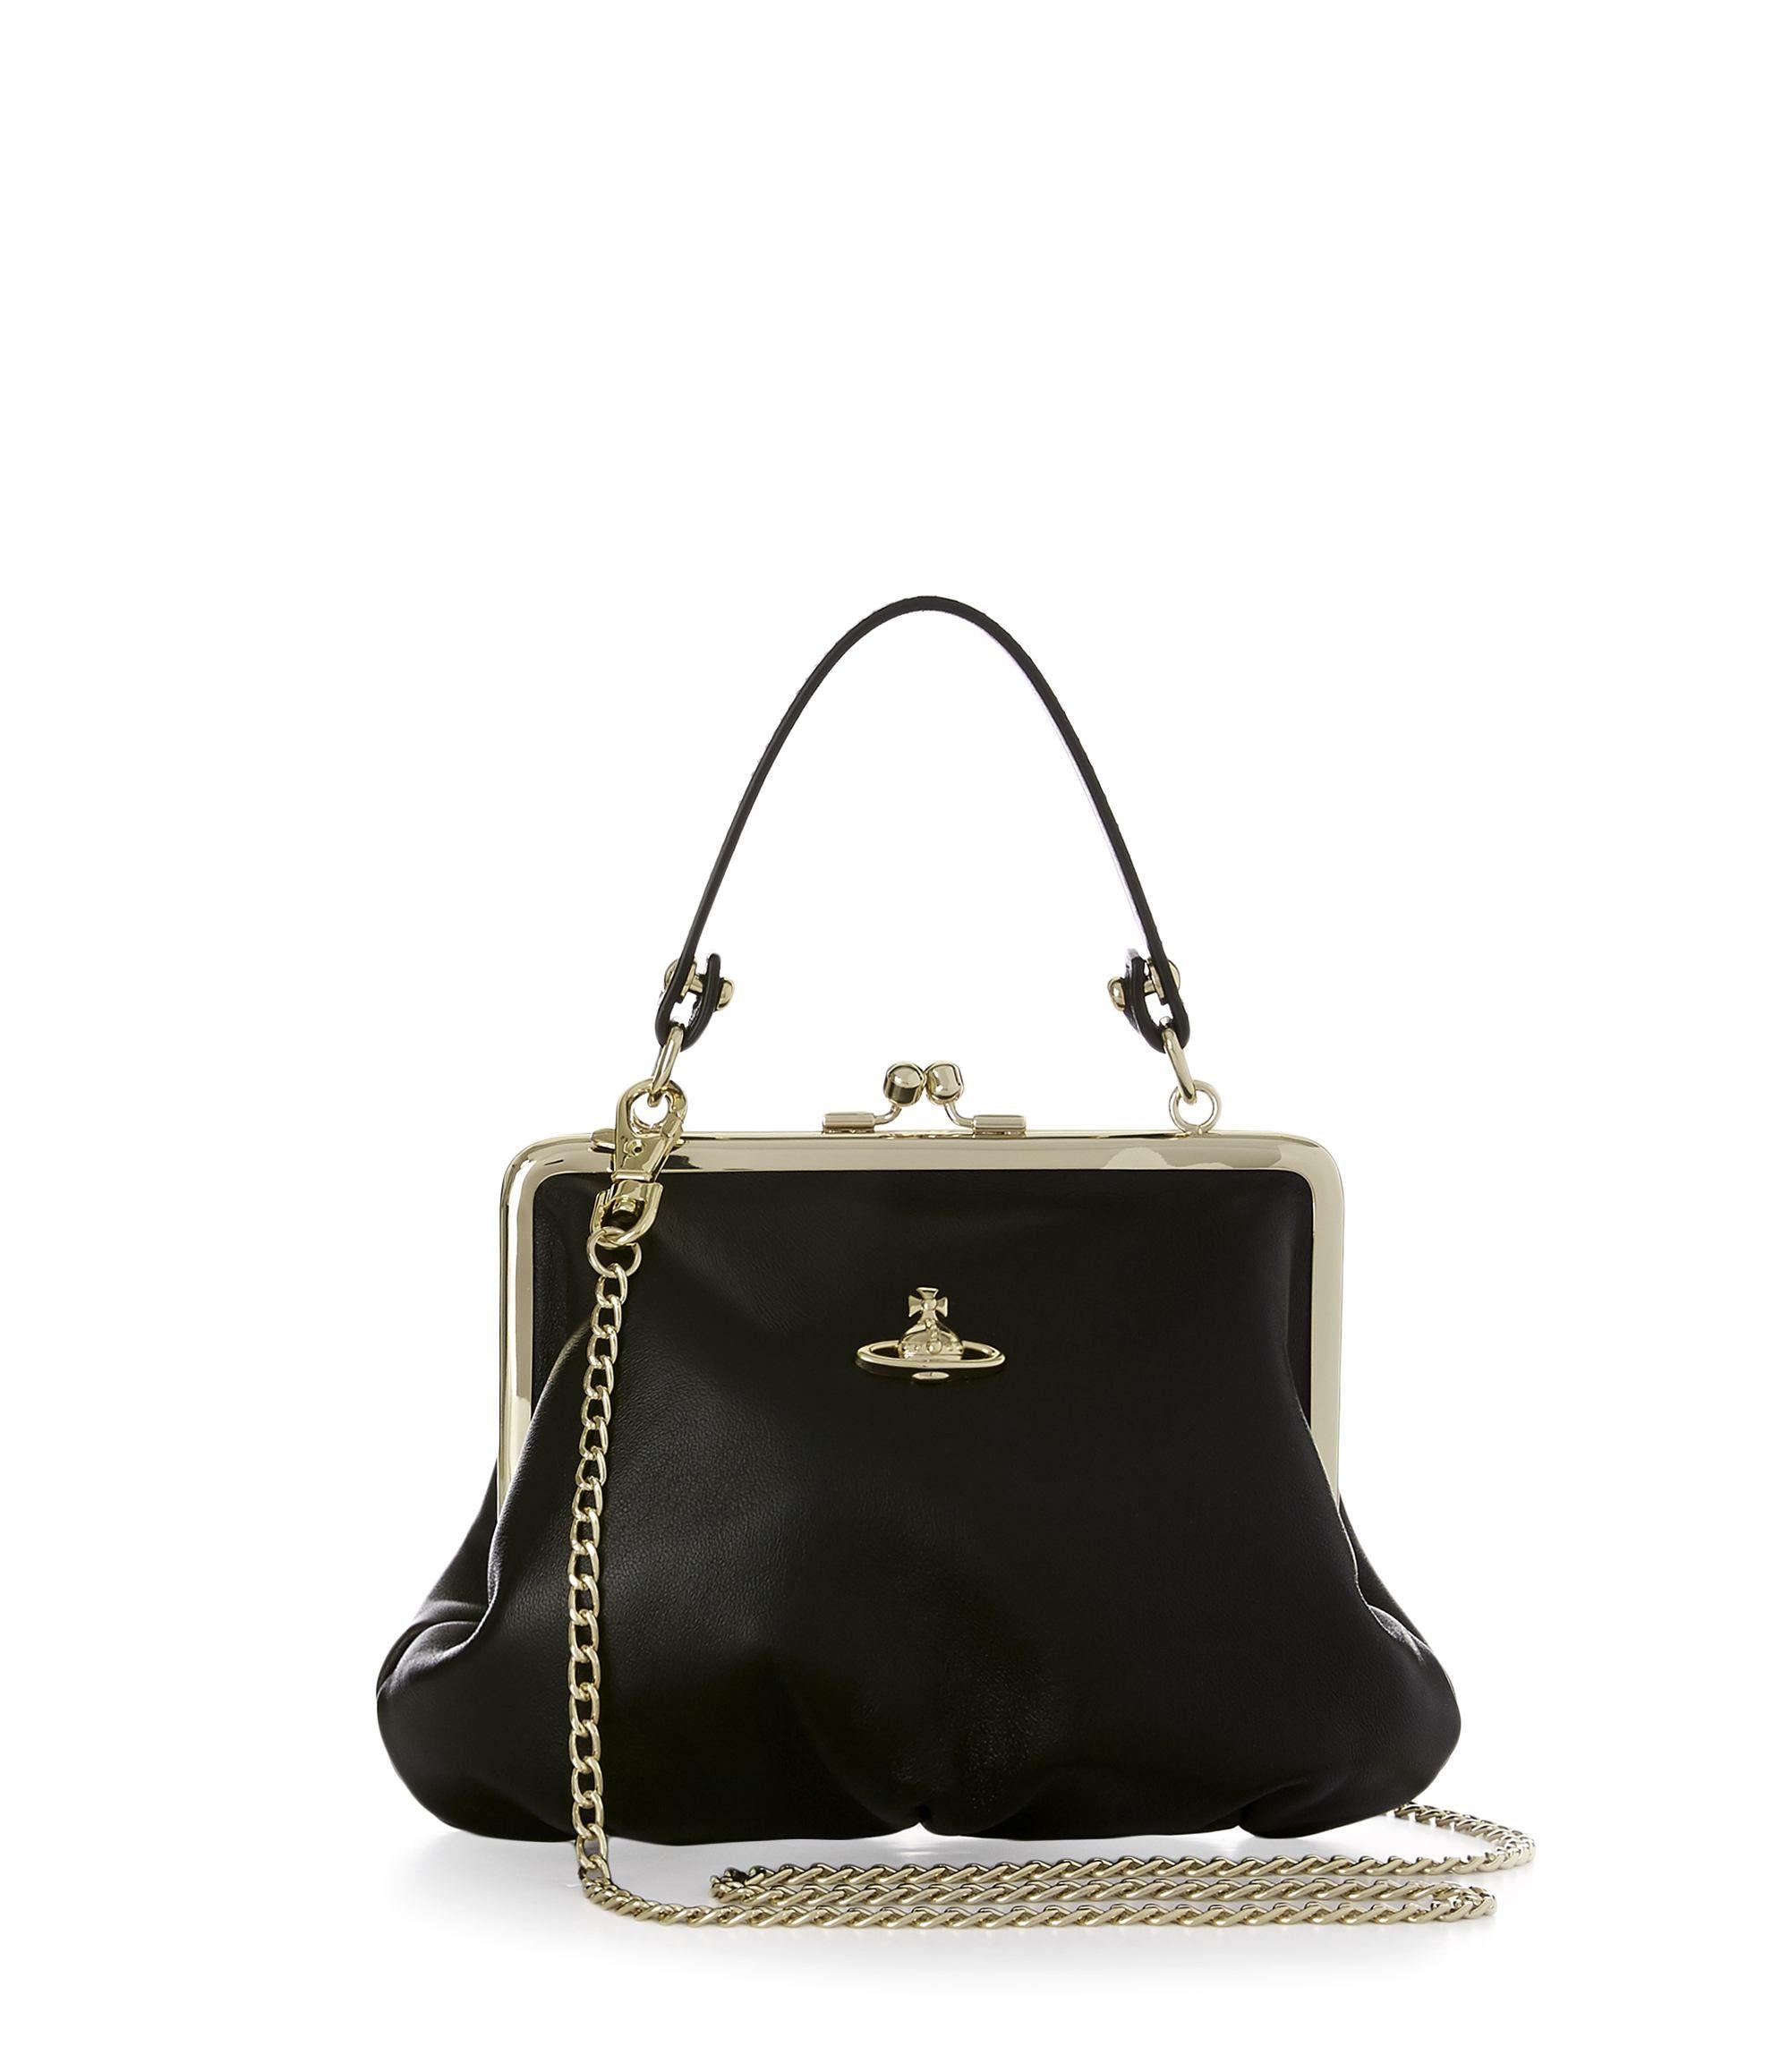 b51eaffdb15 VIVIENNE WESTWOOD Nappa Handbag 52020003 Black. #viviennewestwood #bags  #leather #